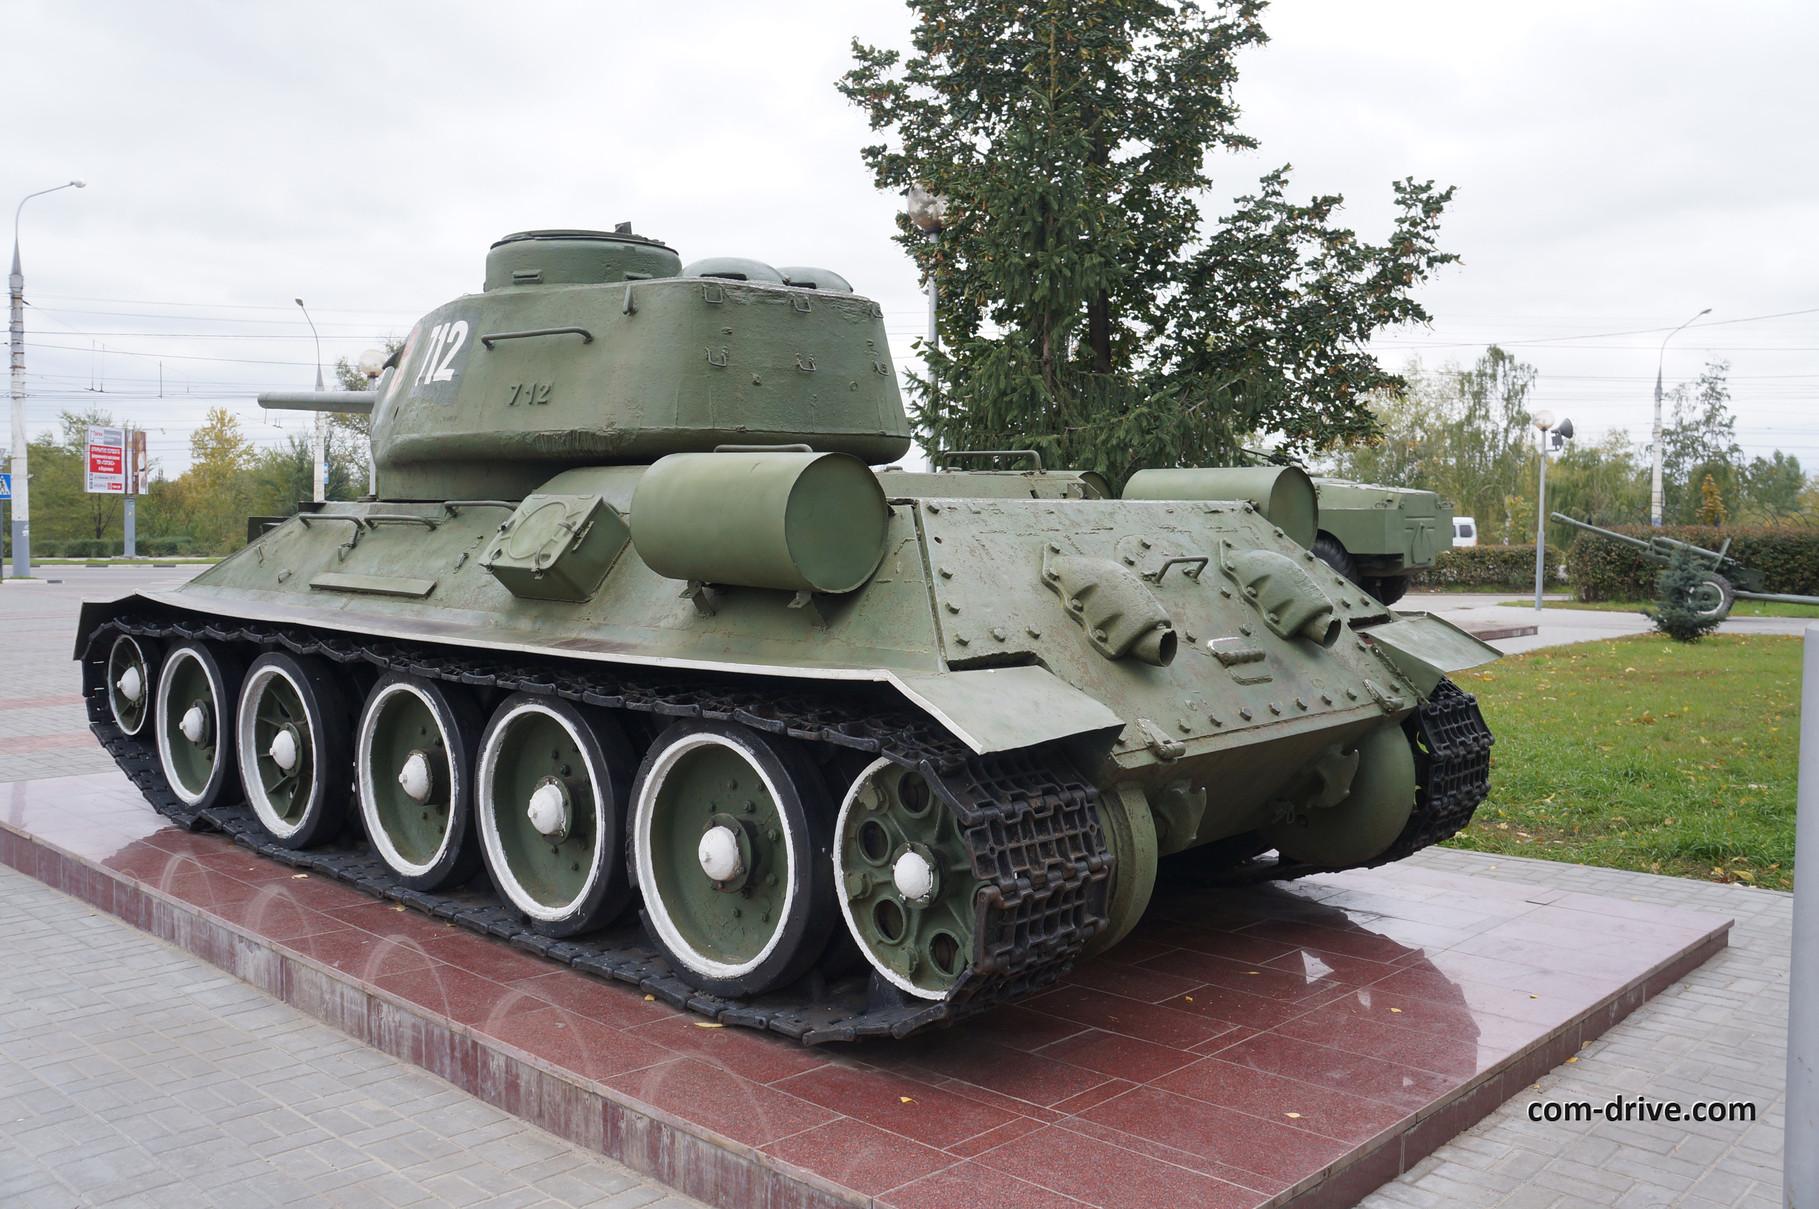 """Вполне естественно, что традиционная для любого военного музея """"тридцатьчетверка"""" с 85-миллиметровой пушкой есть и в Воронеже"""